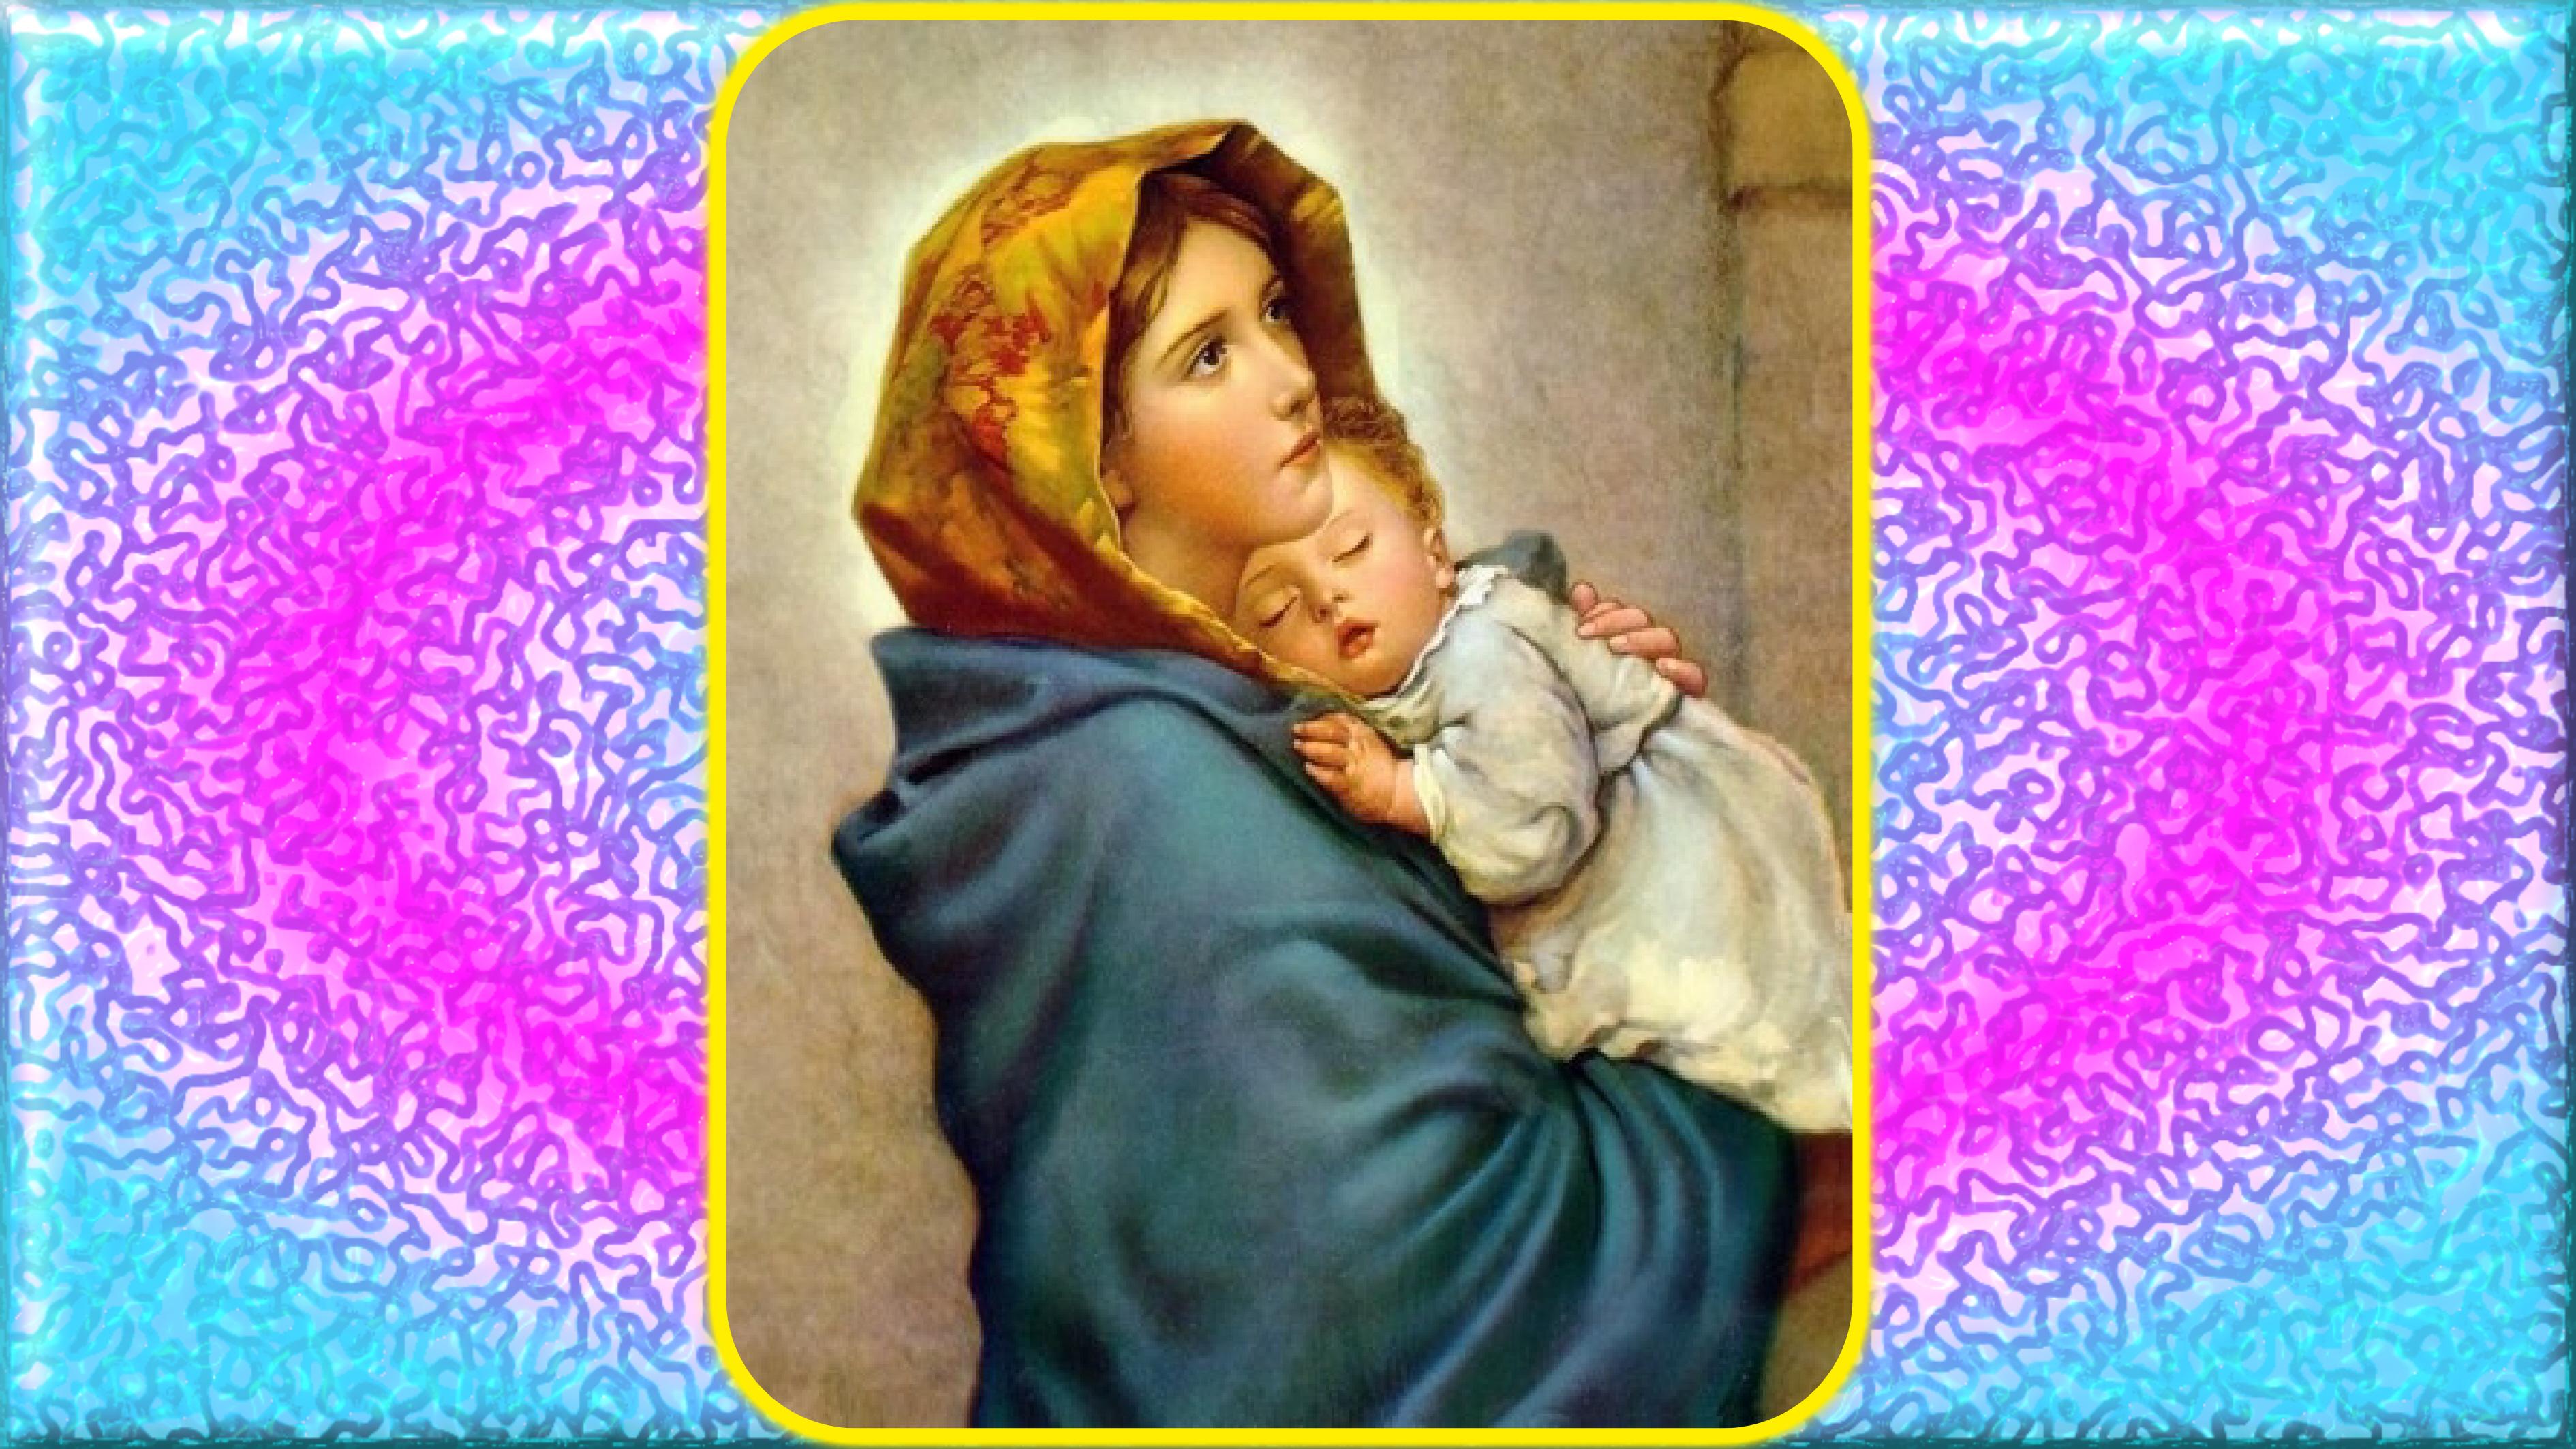 CALENDRIER CATHOLIQUE 2020 (Cantiques, Prières & Images) - Page 3 Marie-l-enfant-j-sus-56faea5